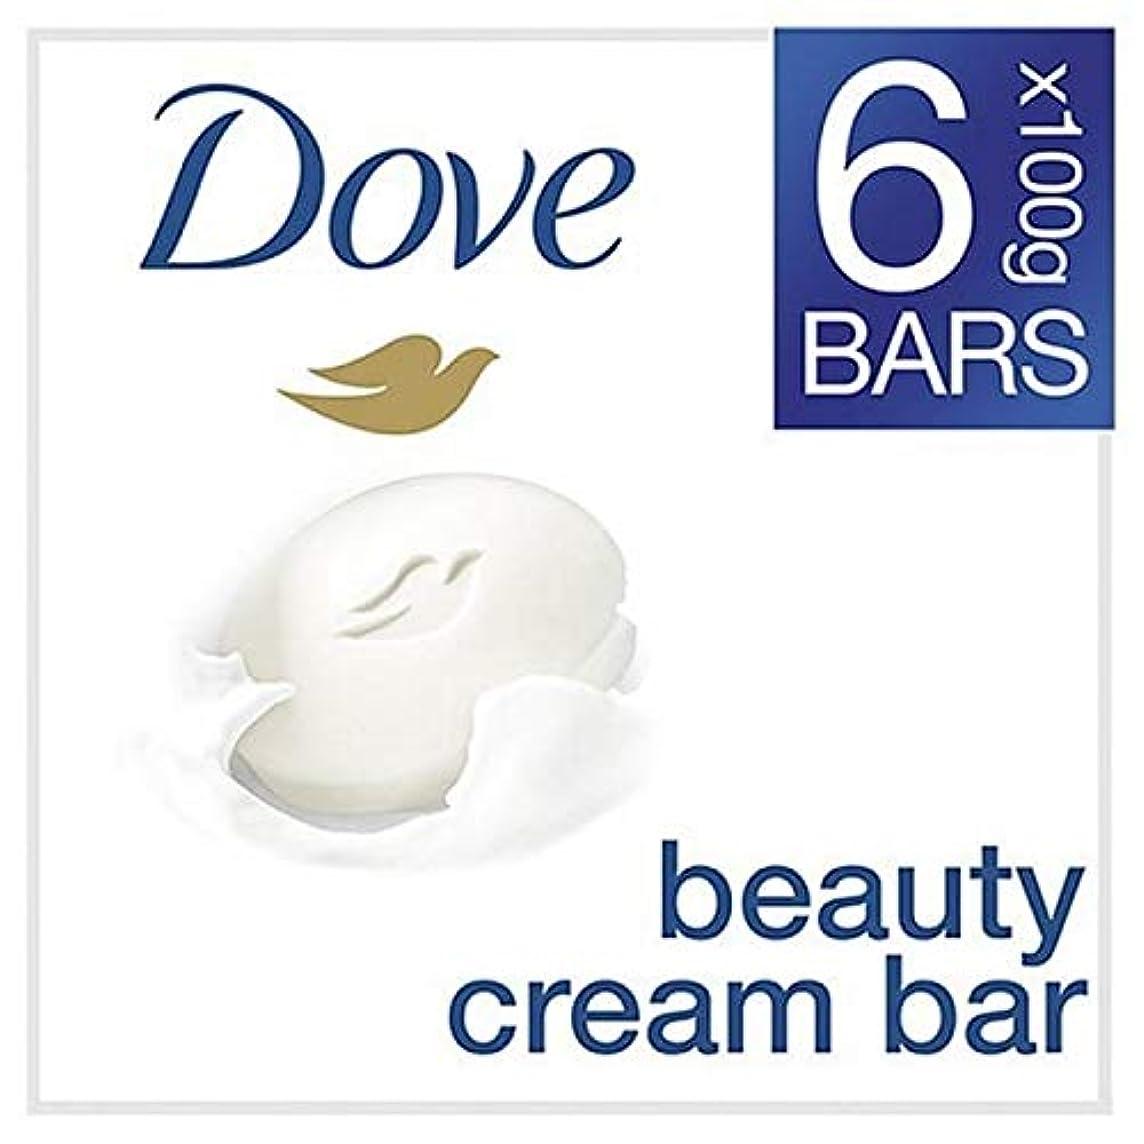 ブレンド発行する賭け[Dove ] 鳩元美容クリームソープバー6のX 100グラム - Dove Original Beauty Cream Soap Bar 6 x 100g [並行輸入品]